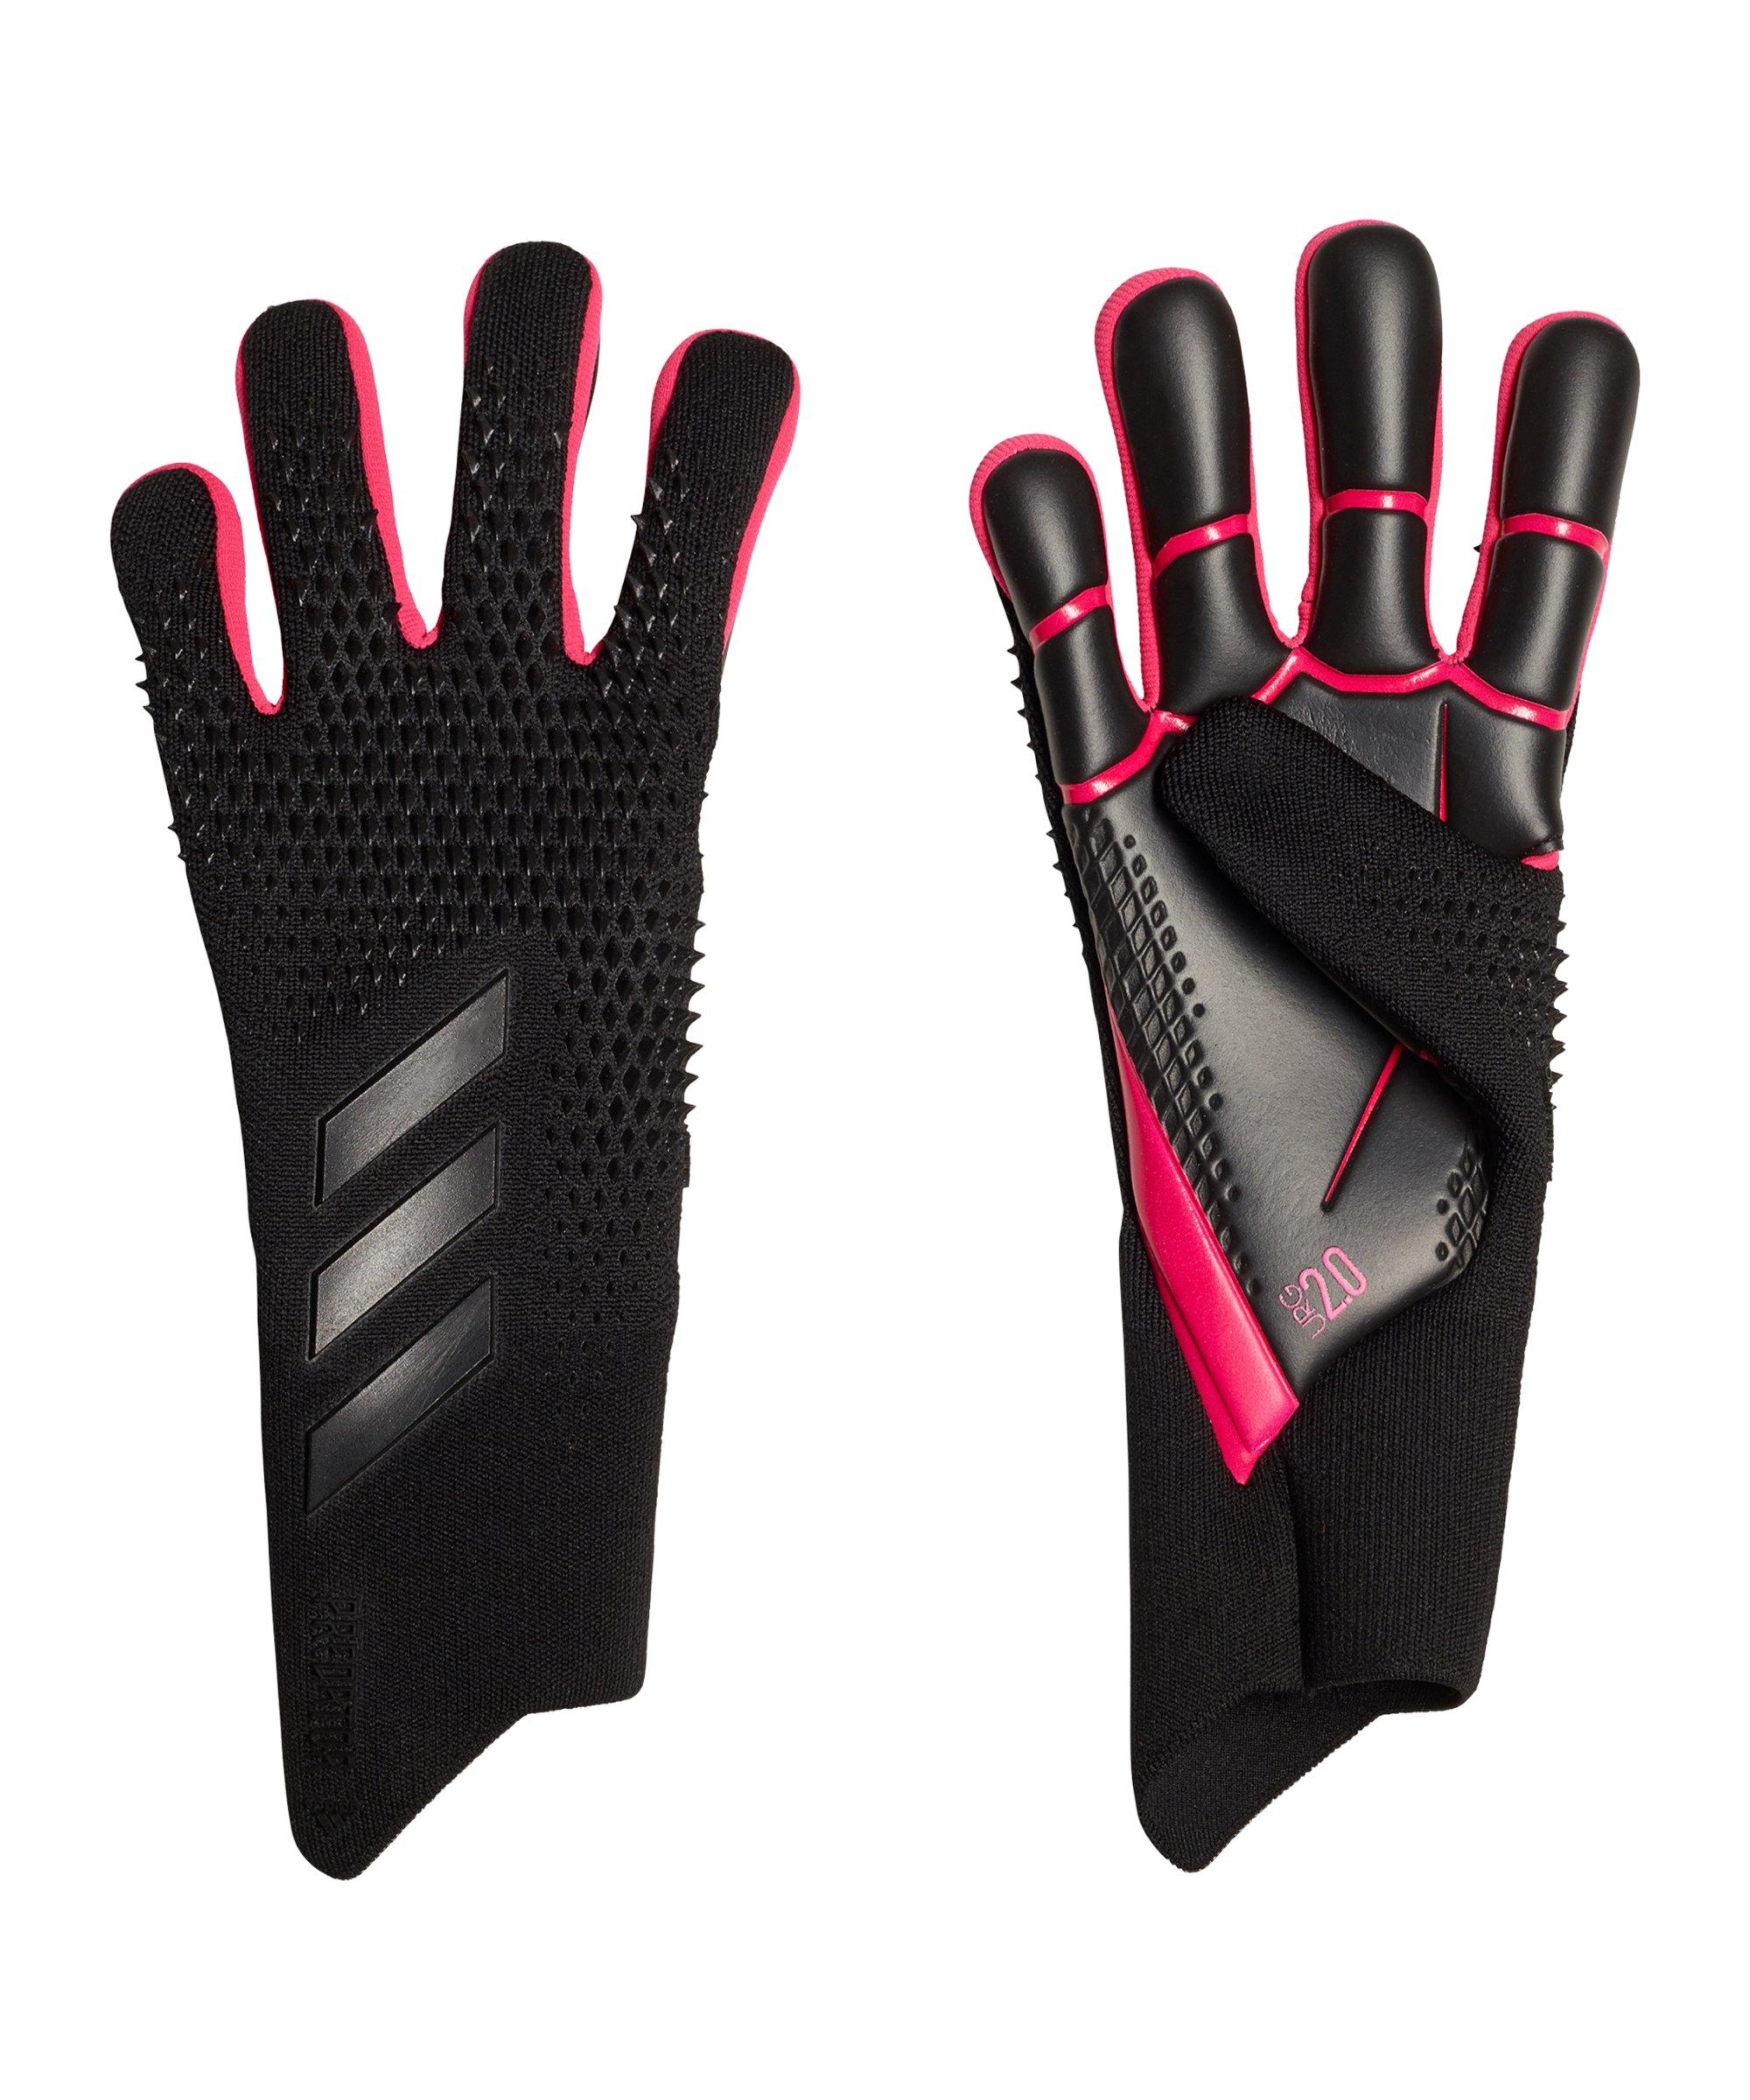 adidas Predator Pro Black Pack Torwarthandschuh Schwarz Pink - schwarz